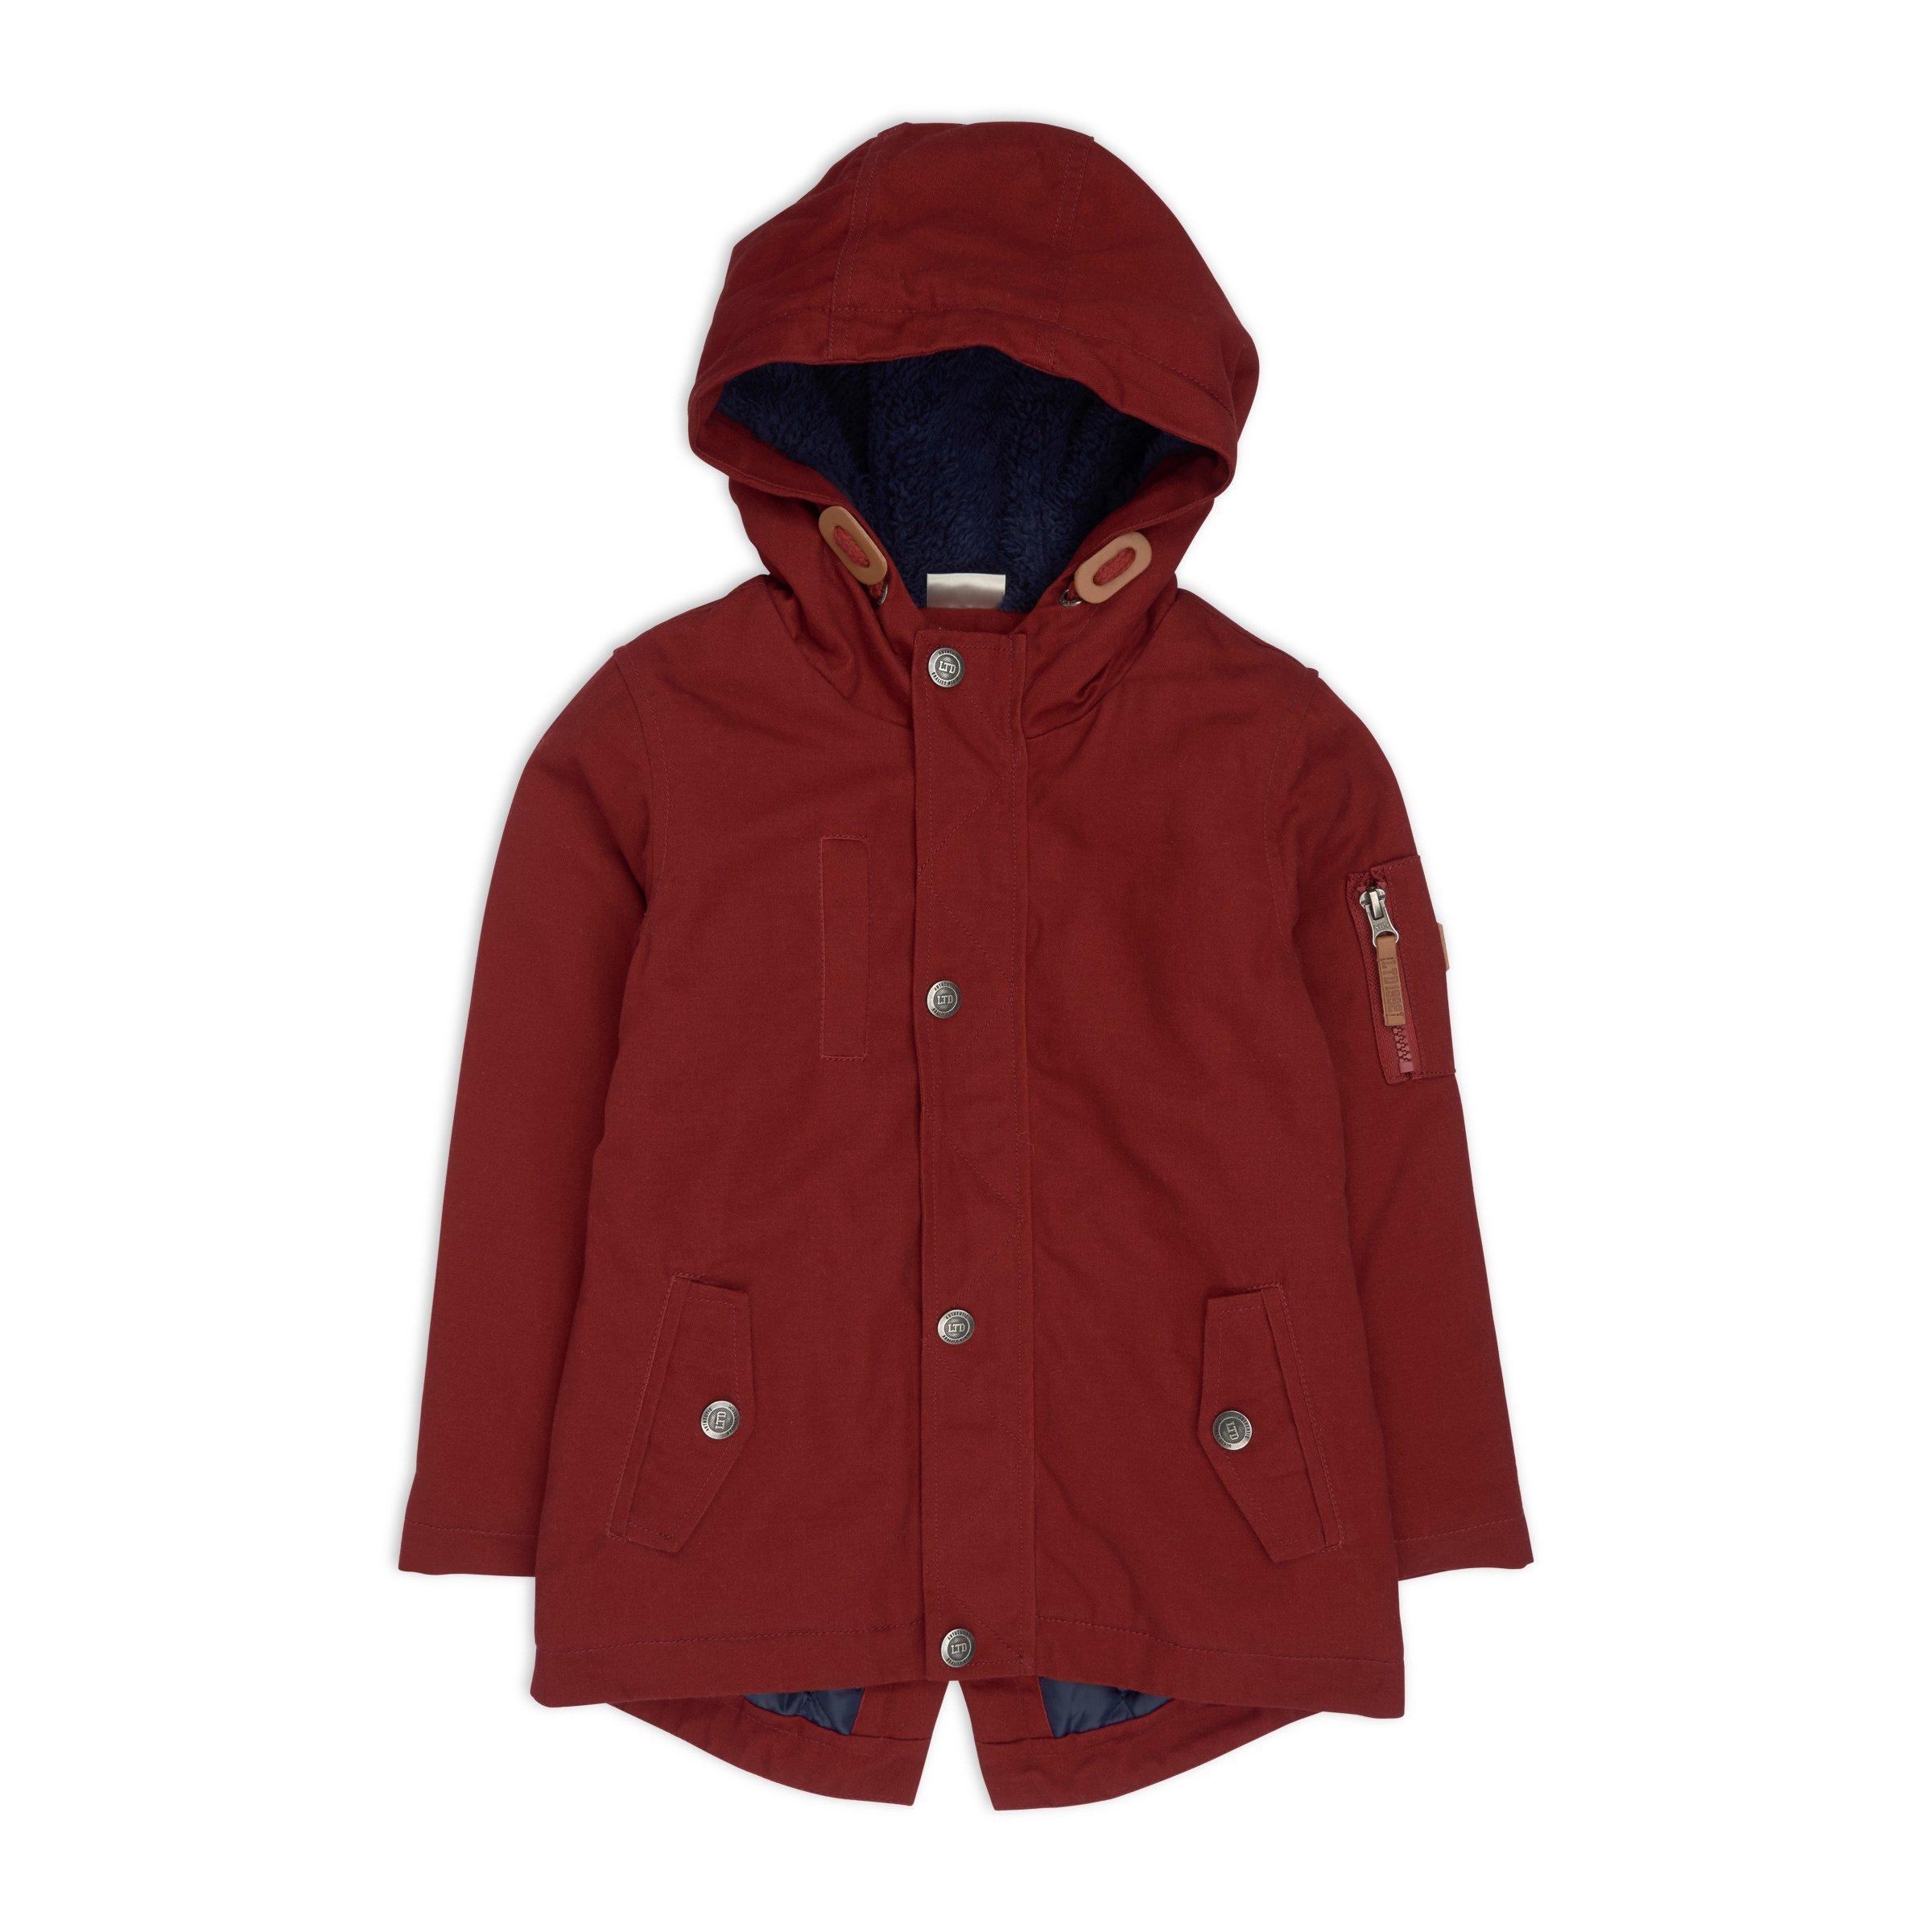 fbe97625db87 Boys Rust Parka Jacket